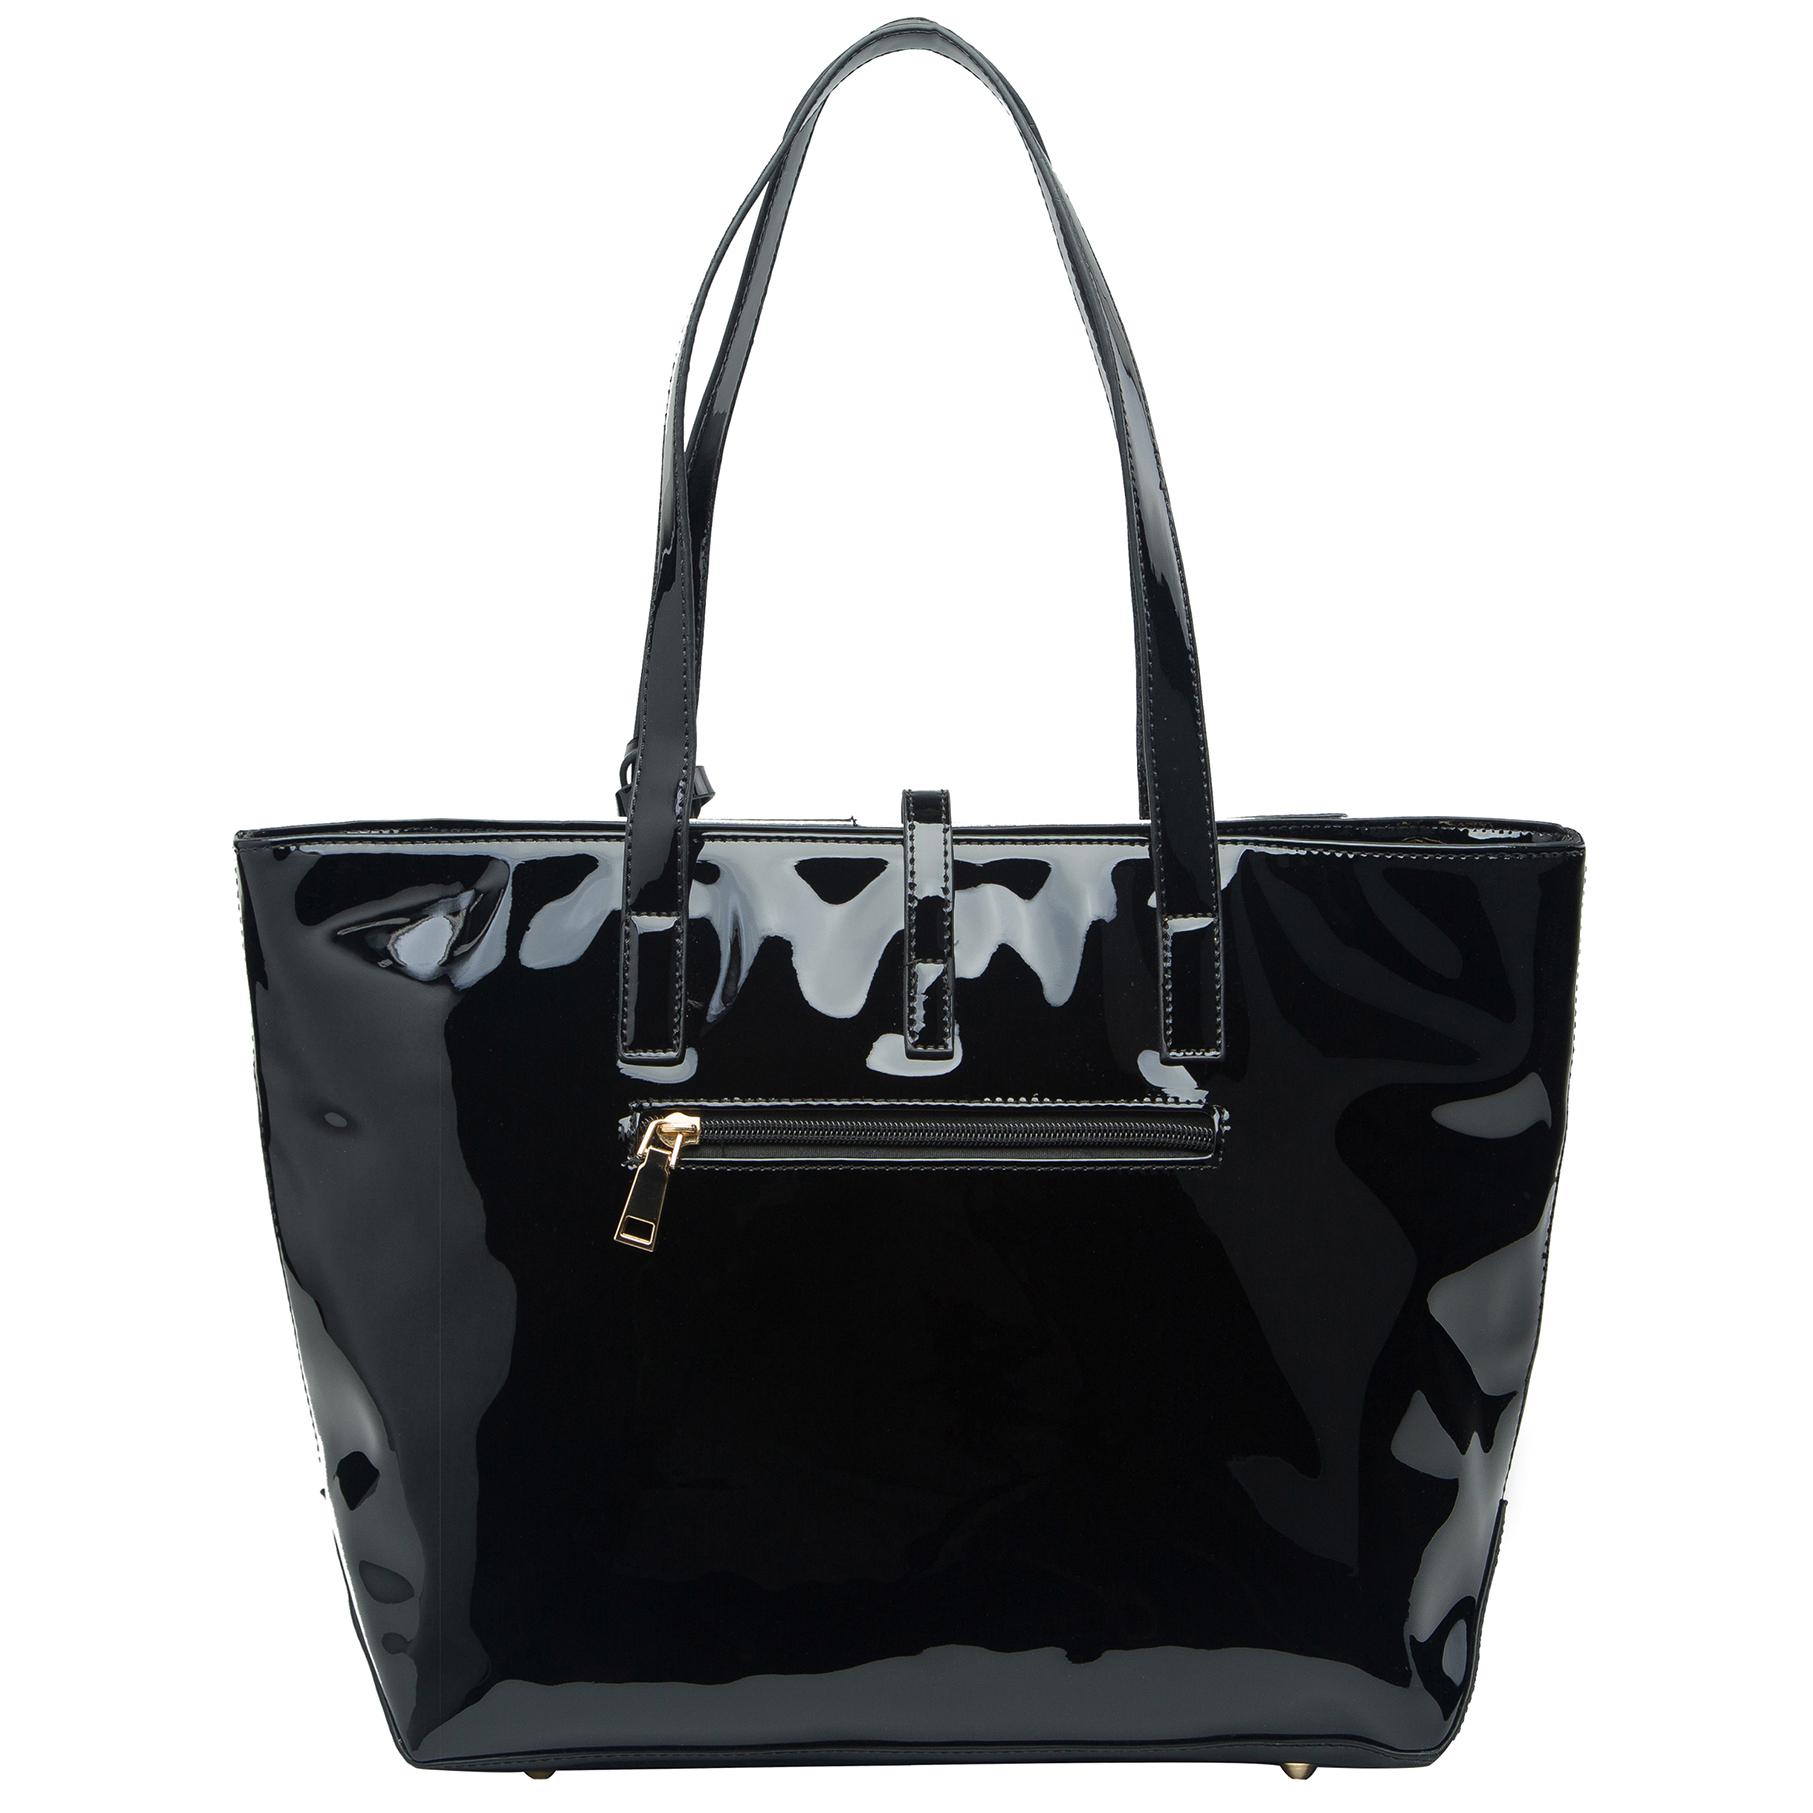 April retro leatherette top handle designer handbag back image